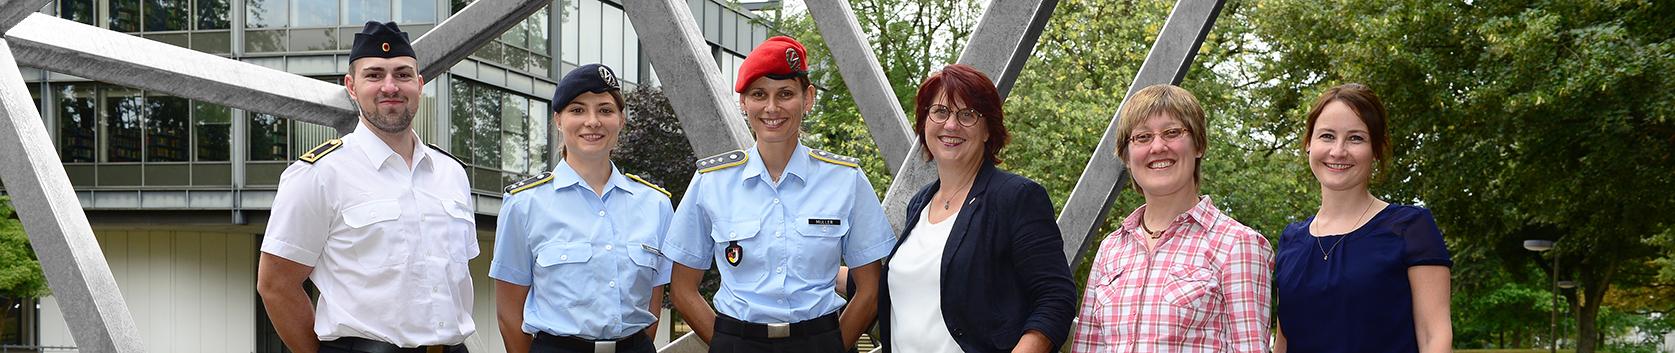 Foto Zivile und militärische Gleichstellungsbeauftragte